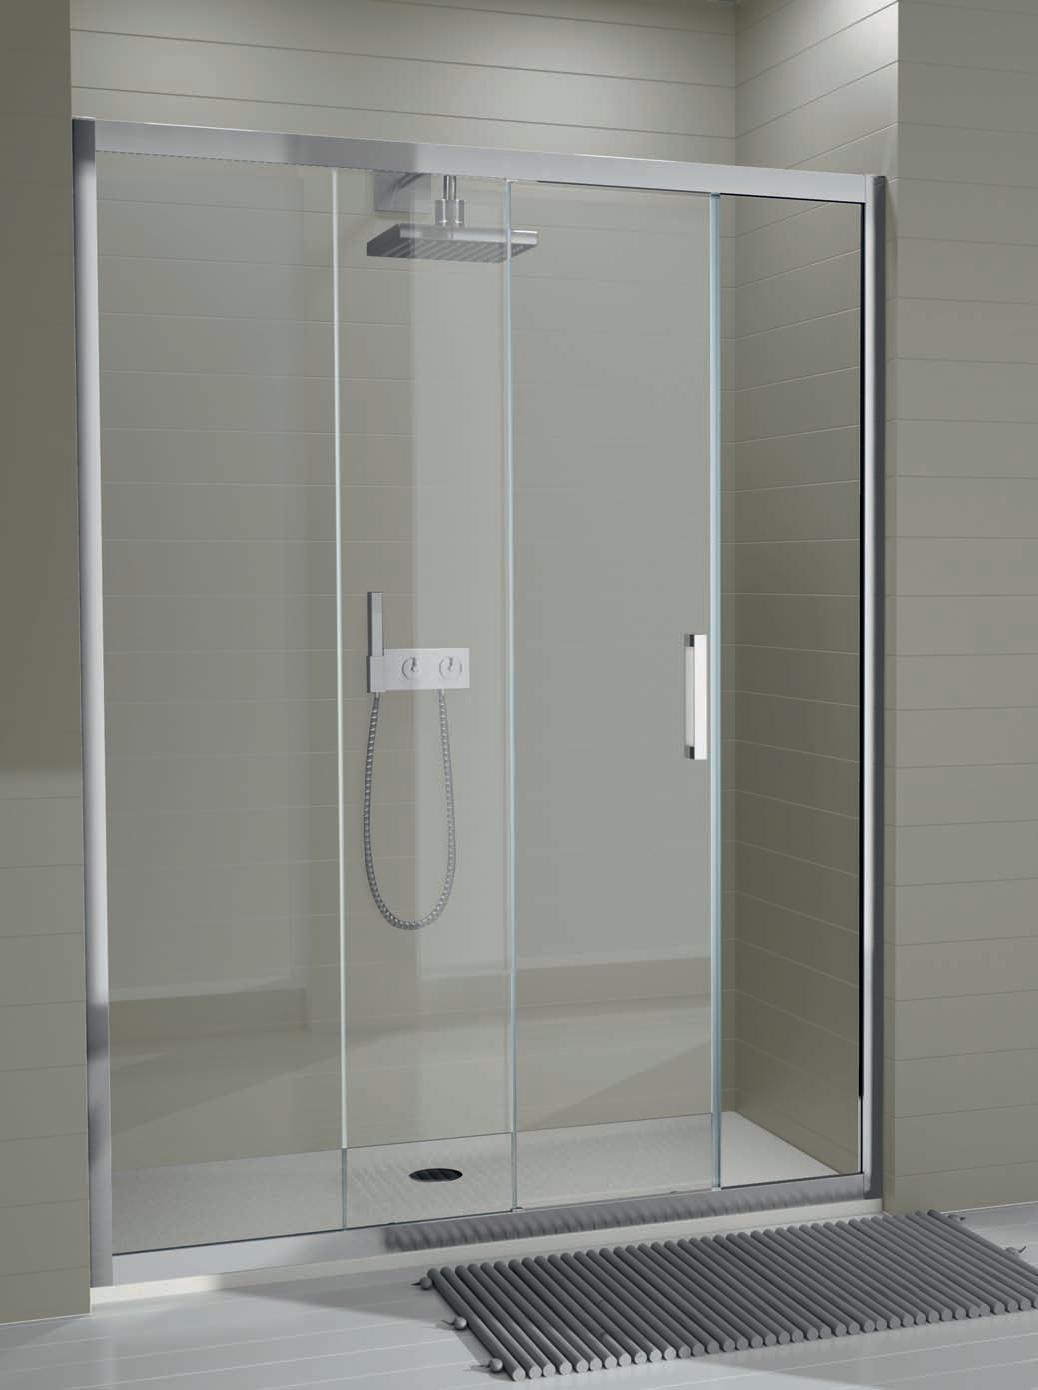 Montaje de mamparas de ducha m p instalaciones platos - Platos de ducha con mampara ...